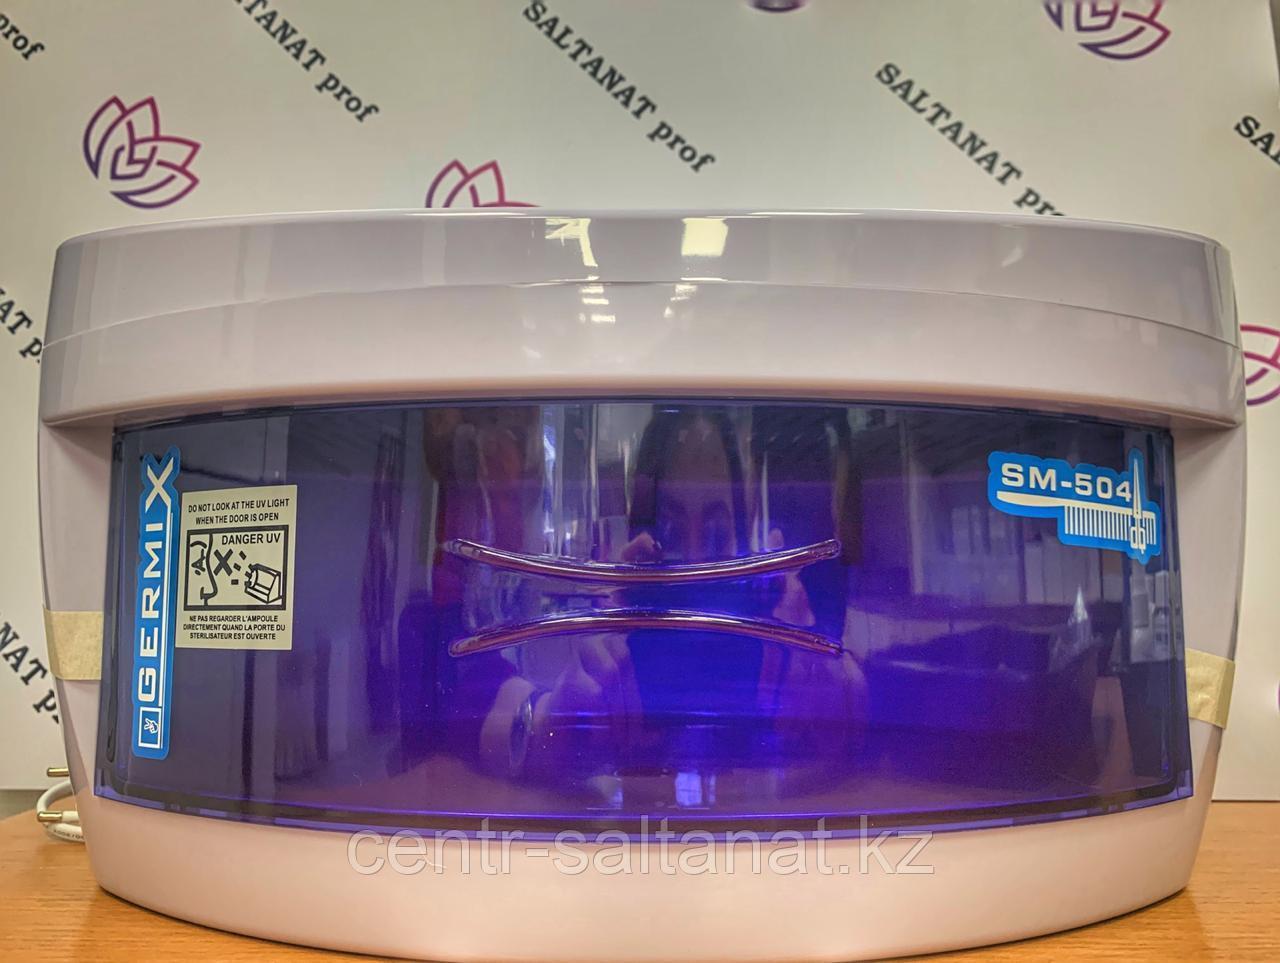 УФ стерилизатор для хранения инструментов GERMIX 504